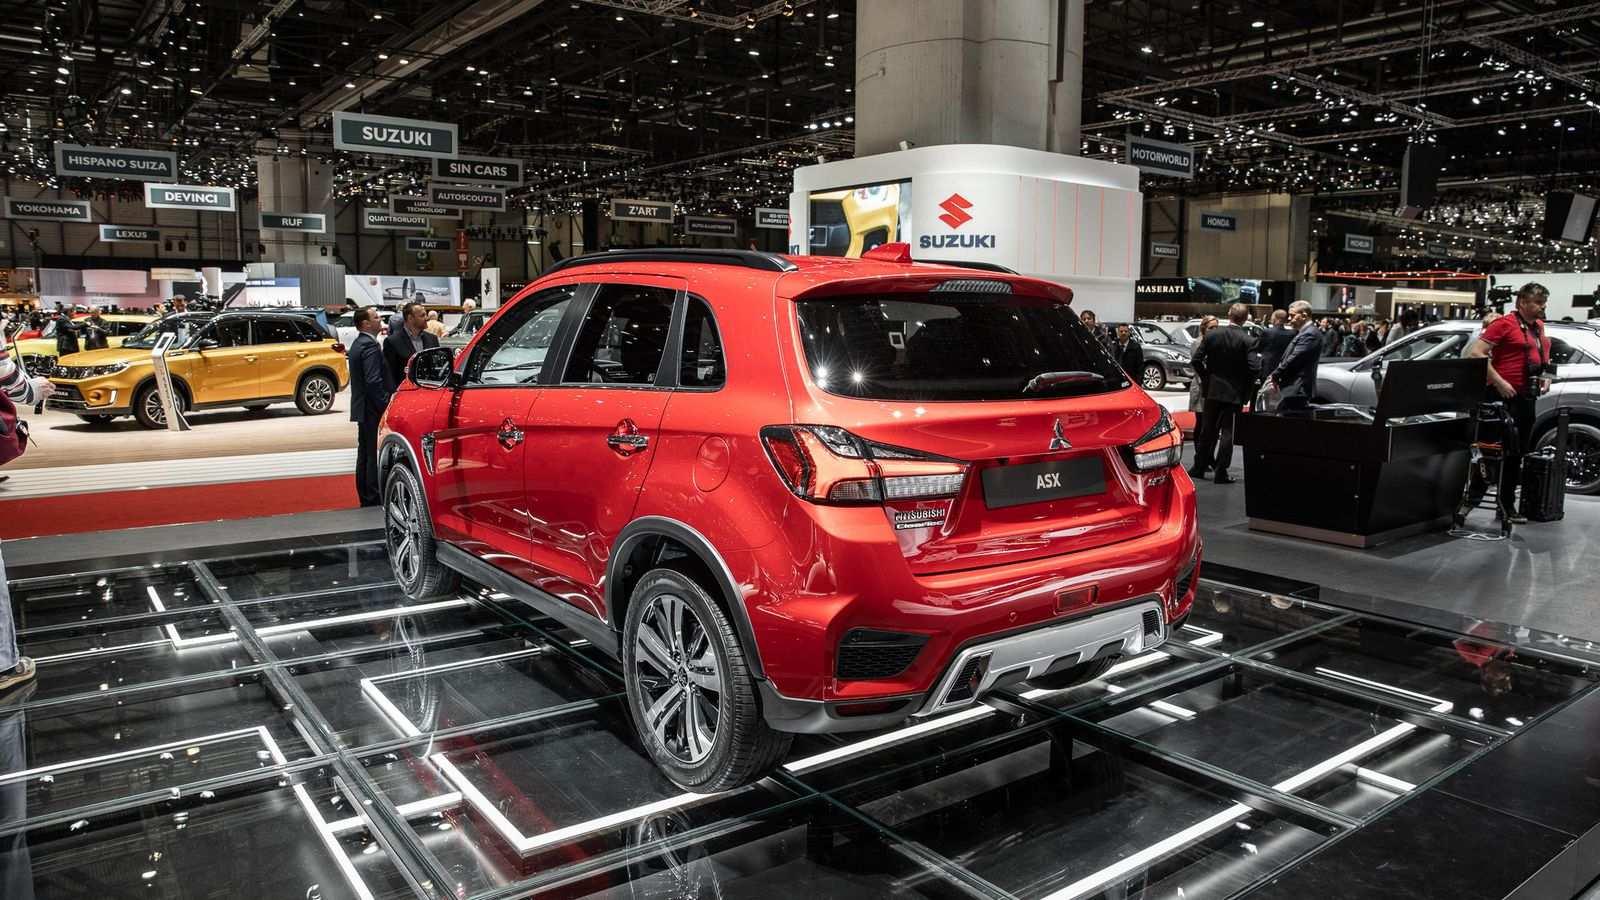 70 Great Uusi Mitsubishi Asx 2020 Interior with Uusi Mitsubishi Asx 2020